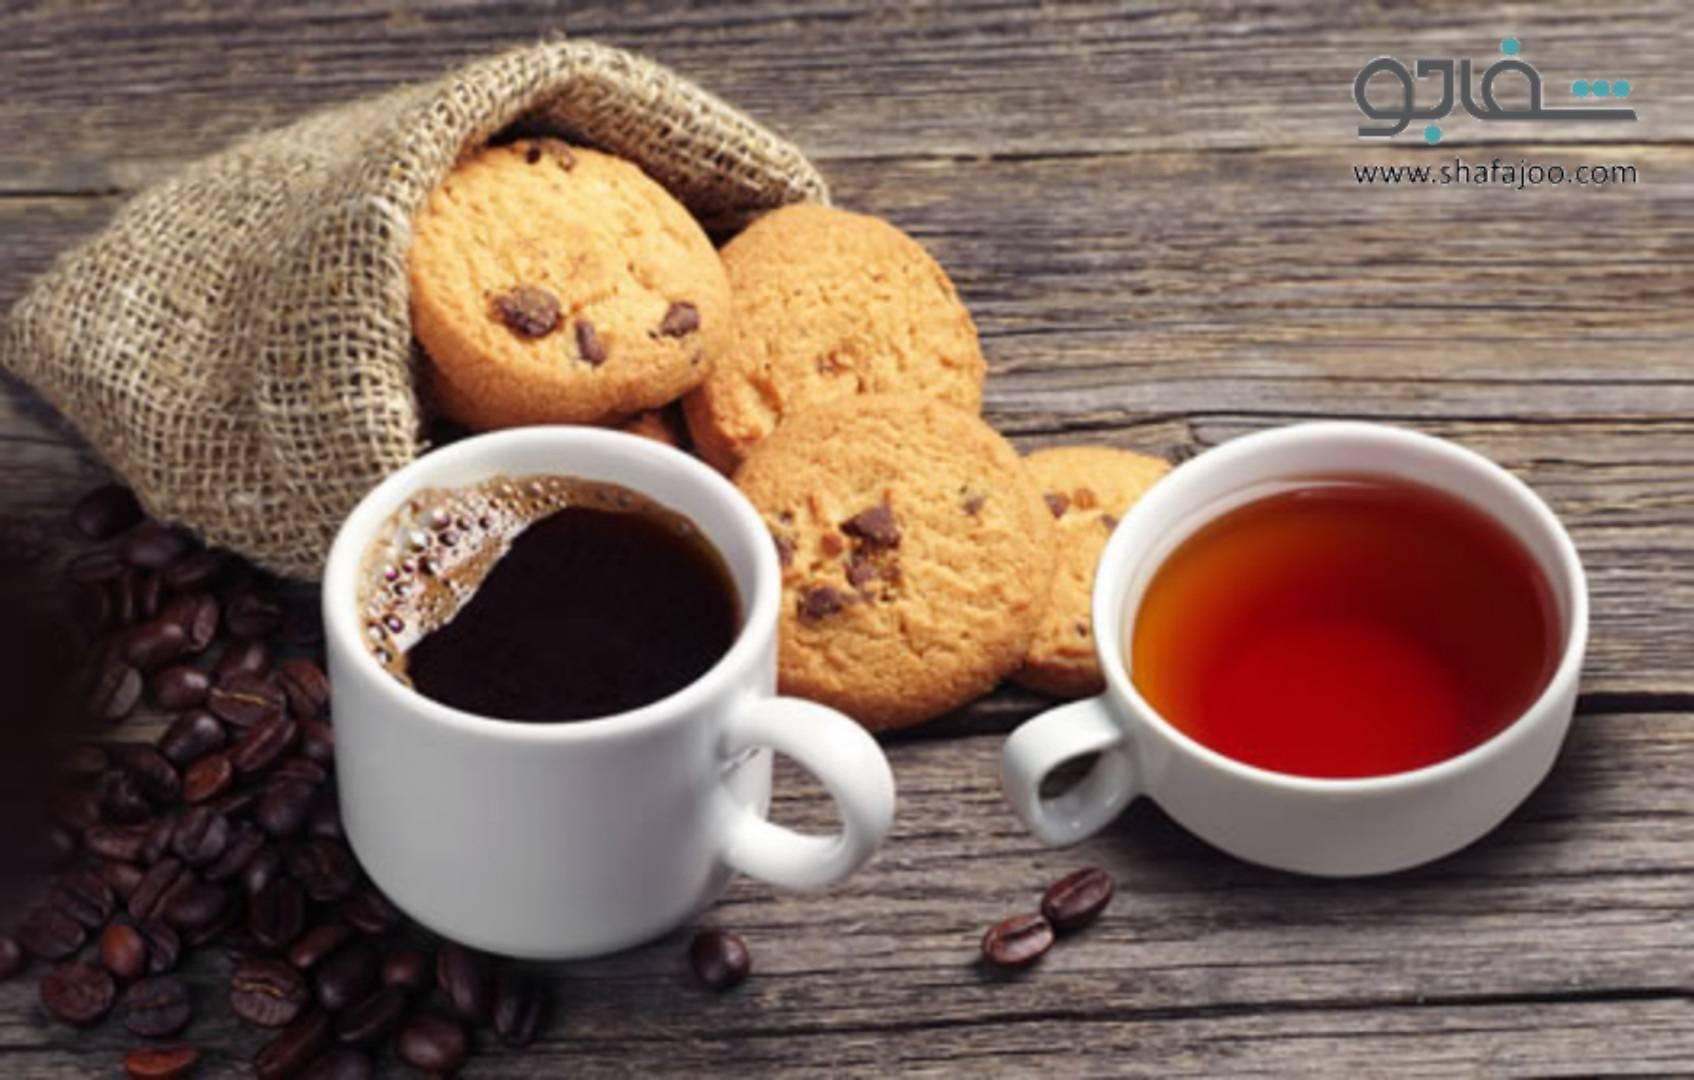 مقایسه کافئین چای با قهوه